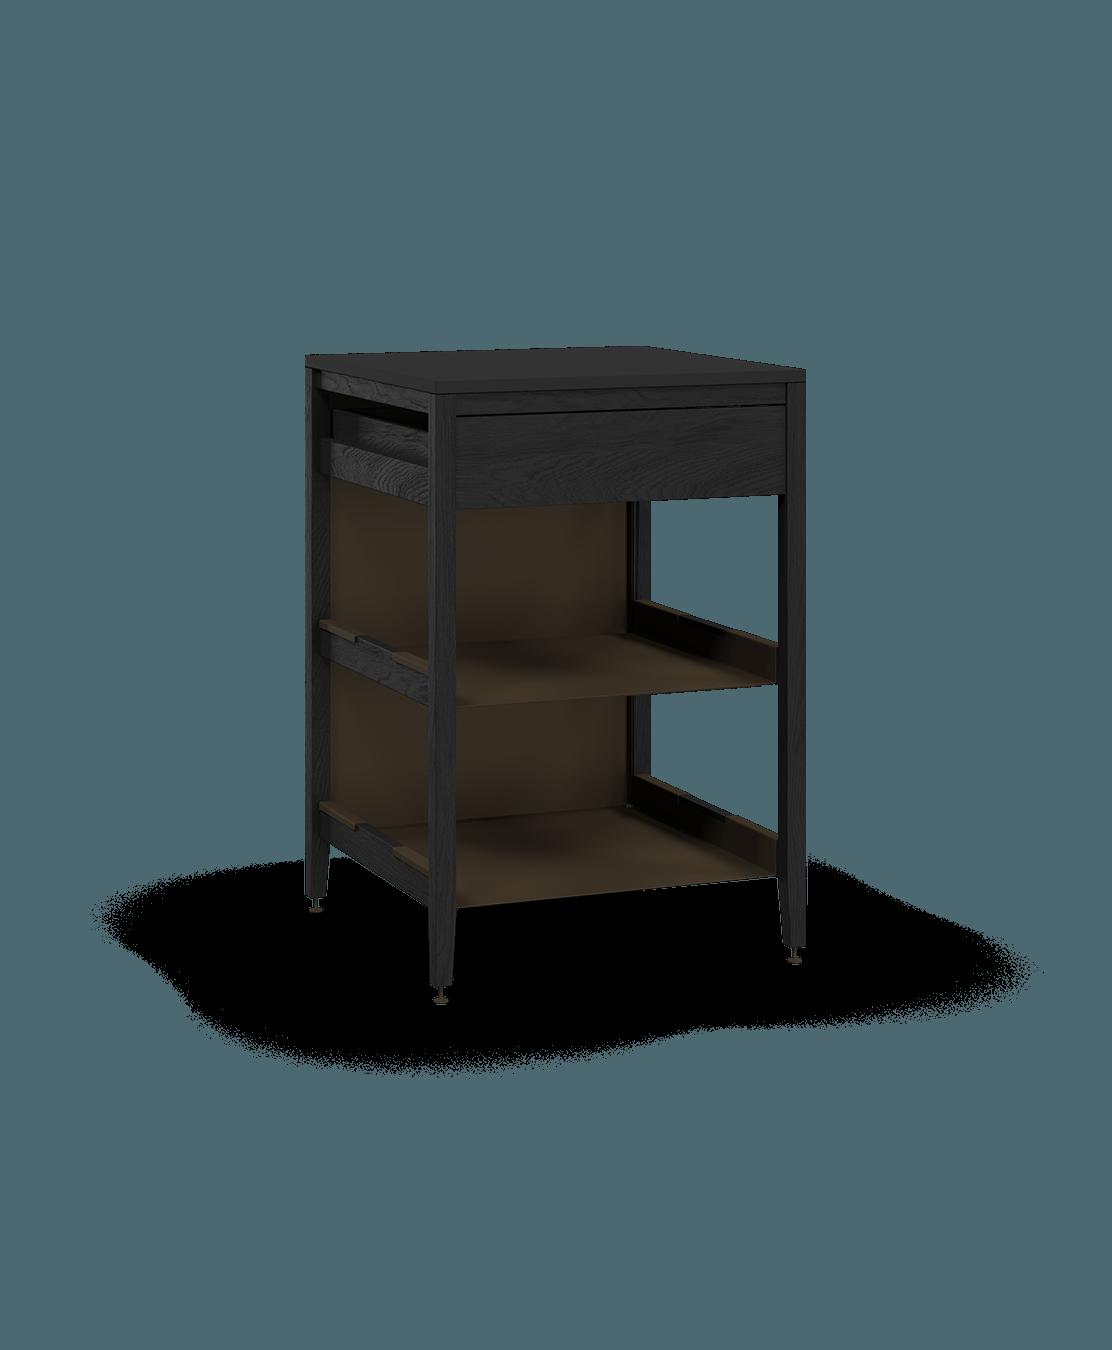 armoire de cuisine modulaire inférieure en bois massif coquo radix avec 2 tablettes 1 tiroir chêne teint noir nuit profonde 27 pouces C1-C-27TB-1021-BK